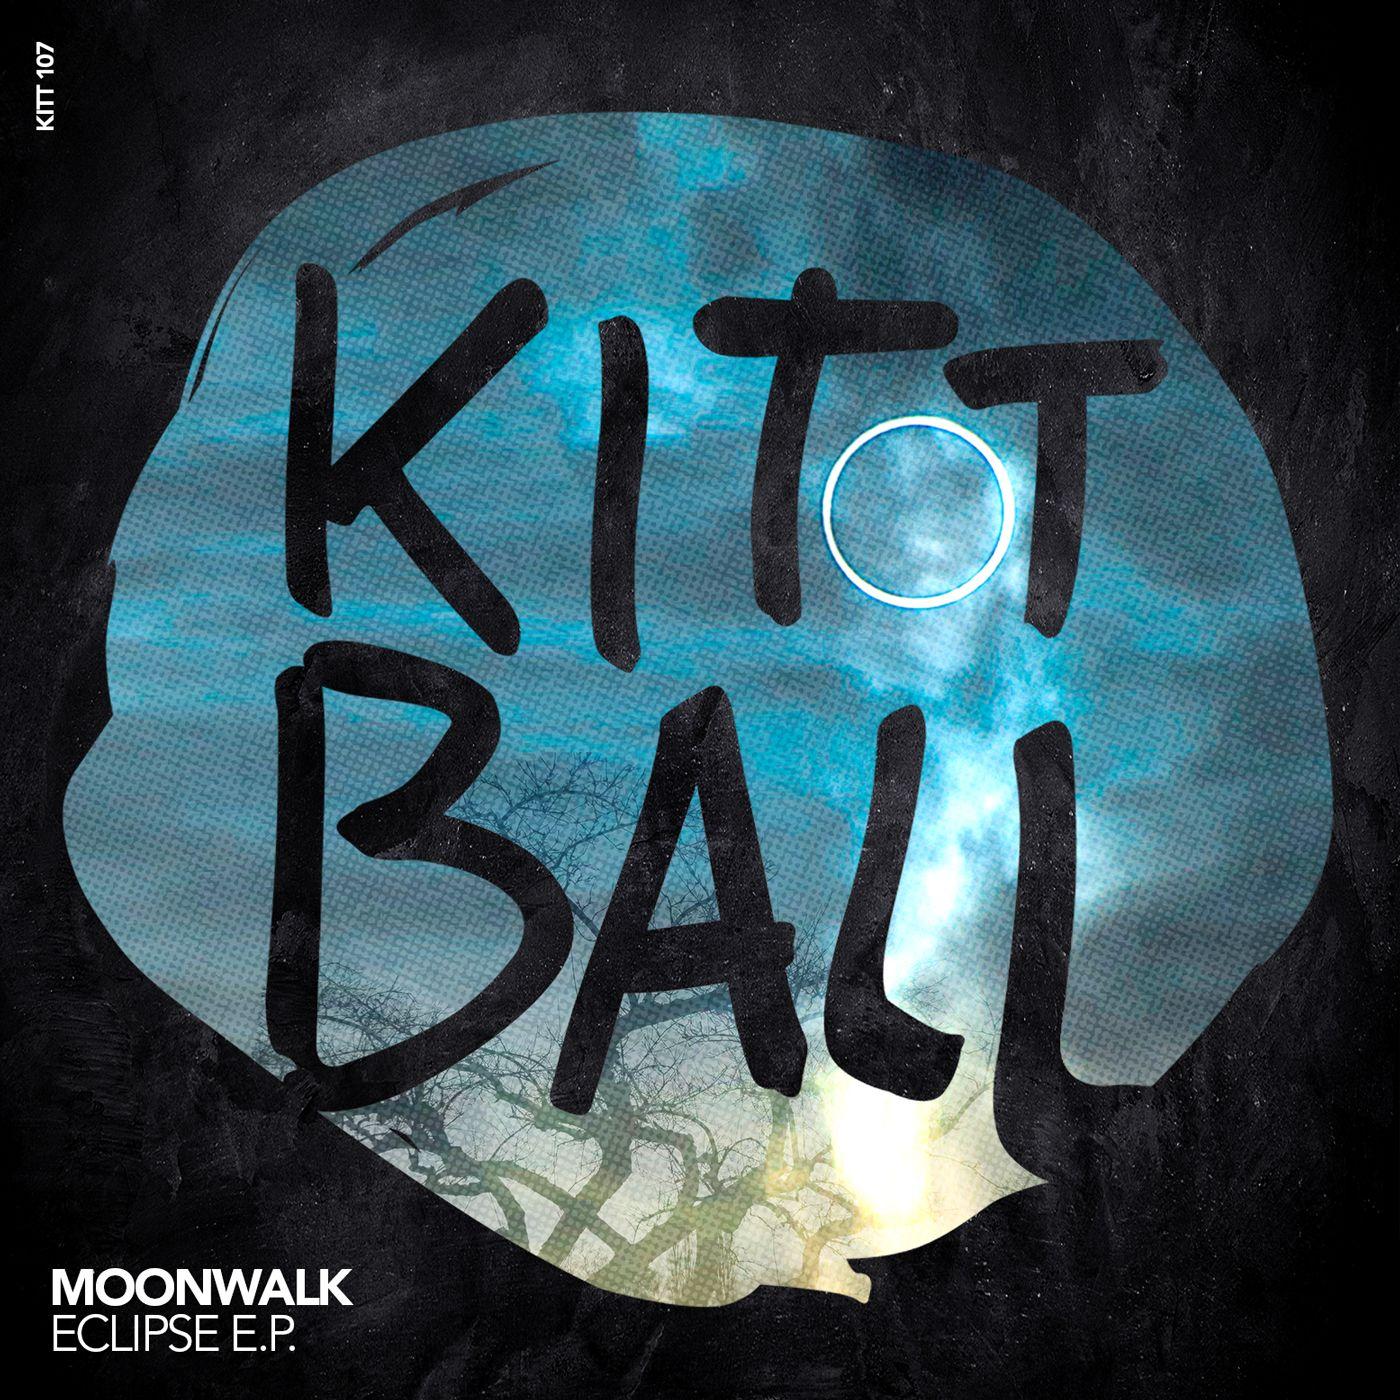 kitt107_moonwalk_cover_1400.jpg